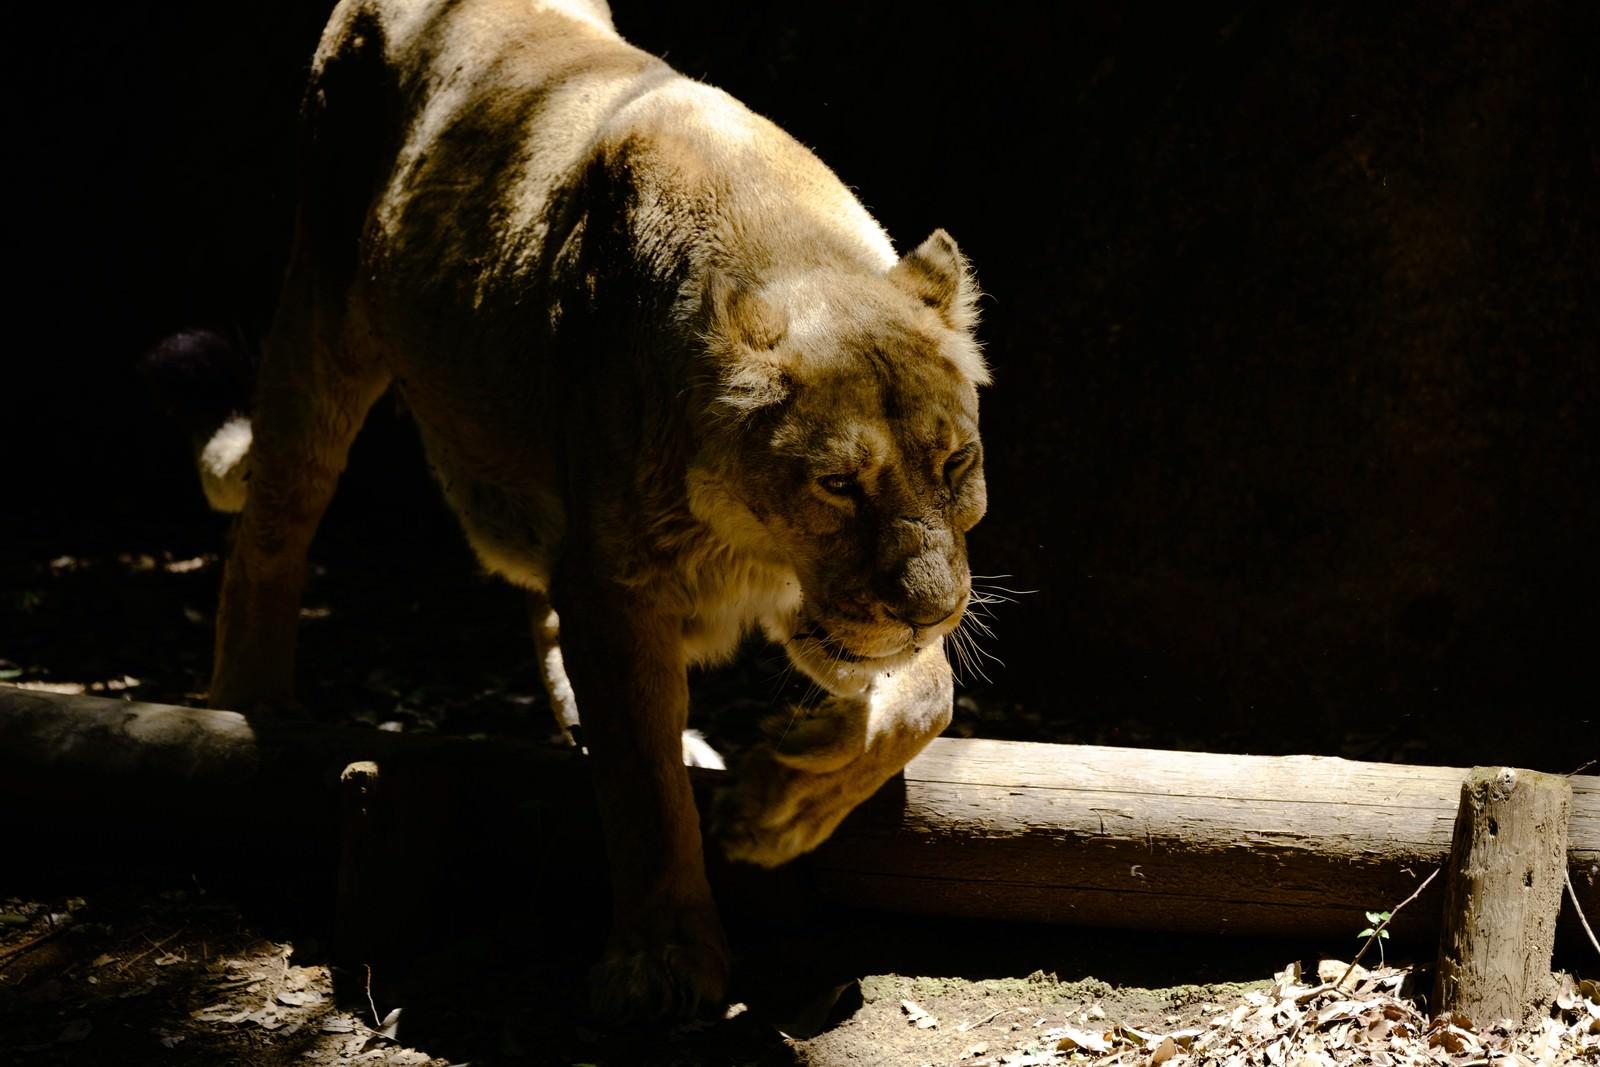 「暗闇から突然現れる猛獣(ライオン♀)」の写真